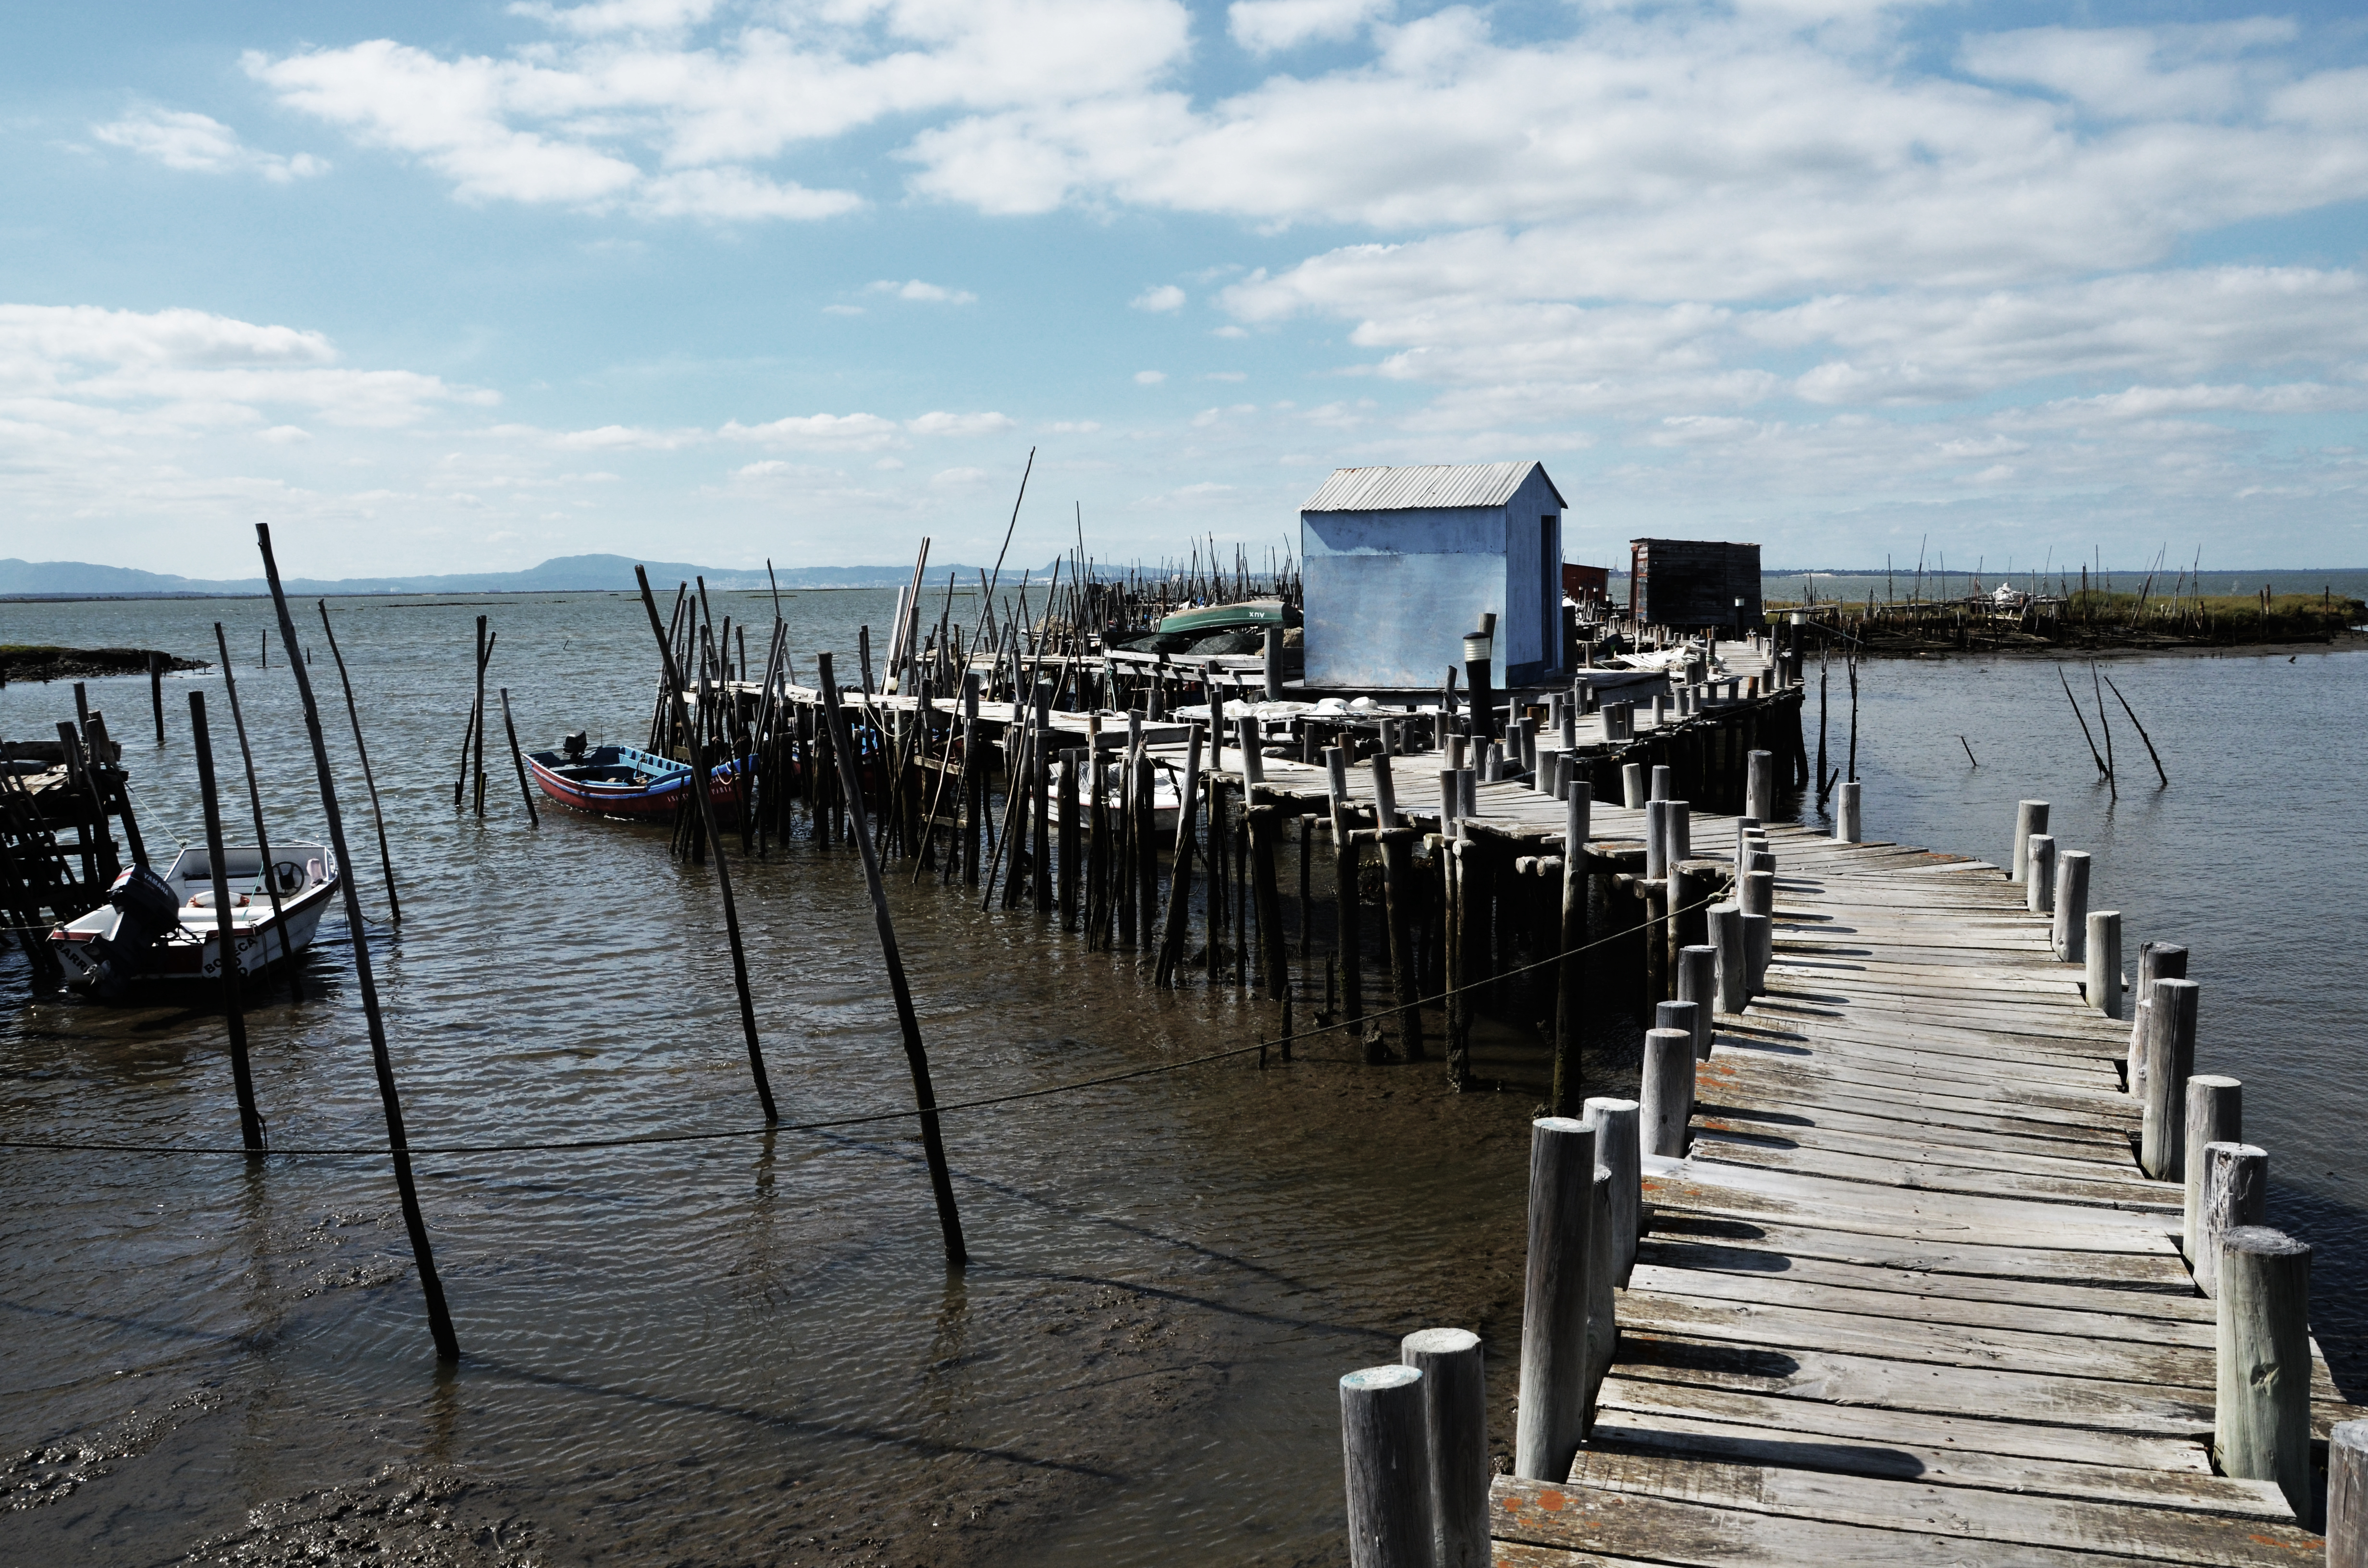 otra de nuestras zonas favoritas es el puerto palaftico de construido por los mismos pescadores es una visita obligatoria por